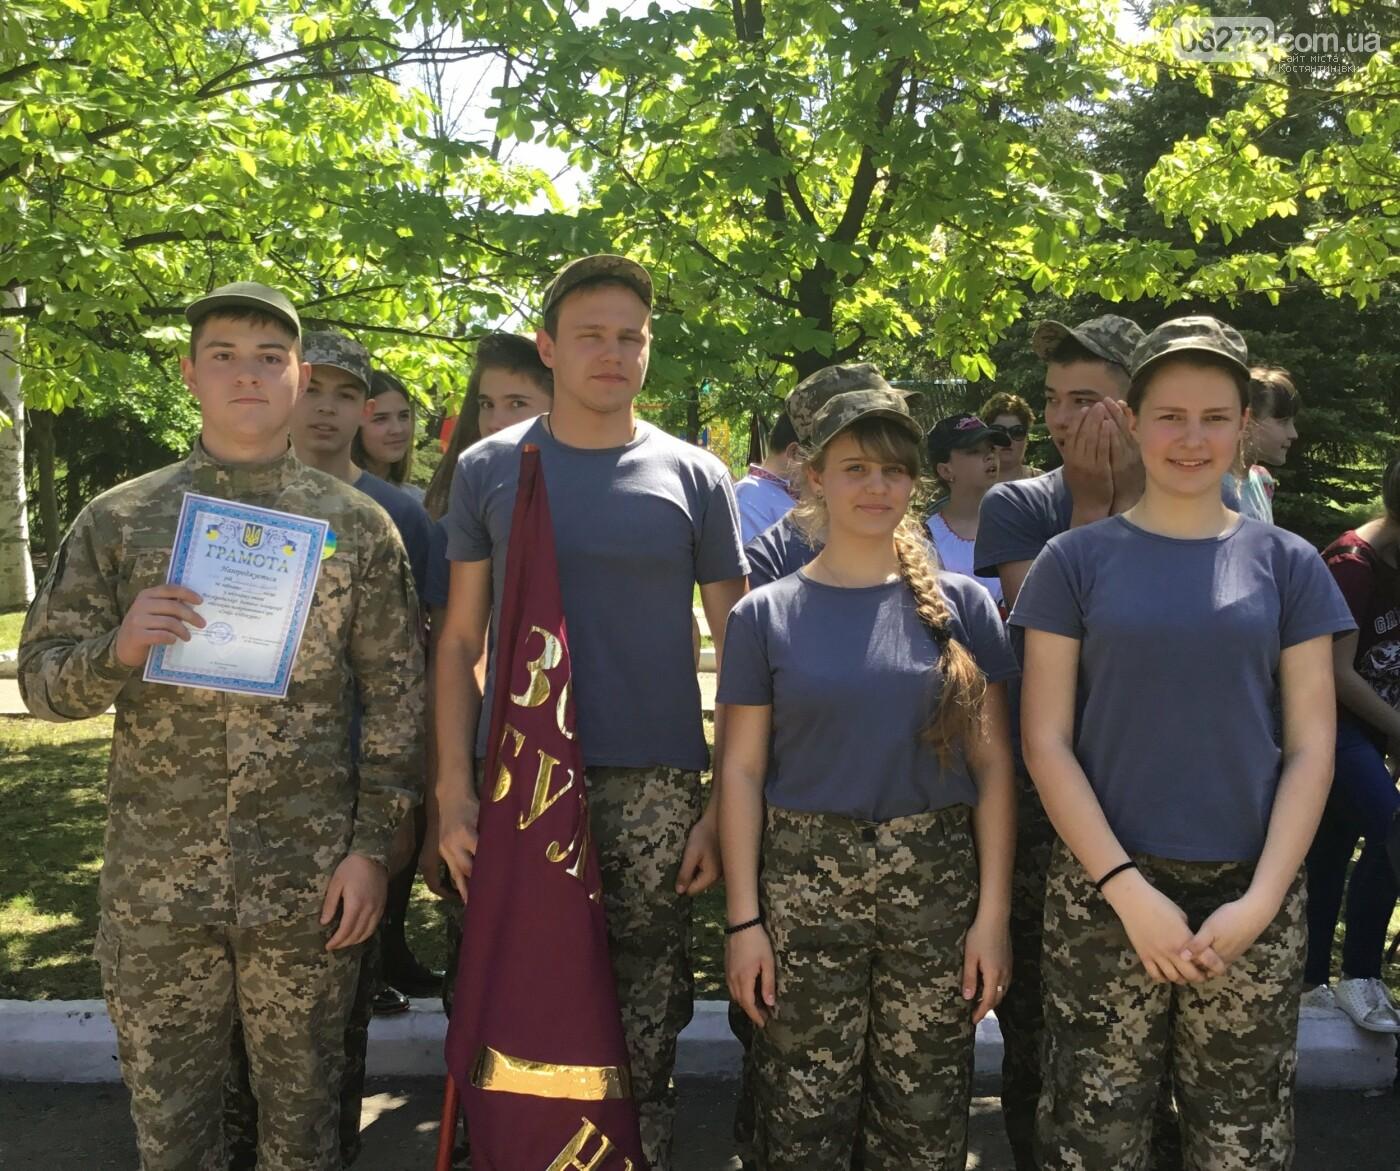 У Костянтинівці визначили переможців військово-патріотичної гри «Джура», фото-2